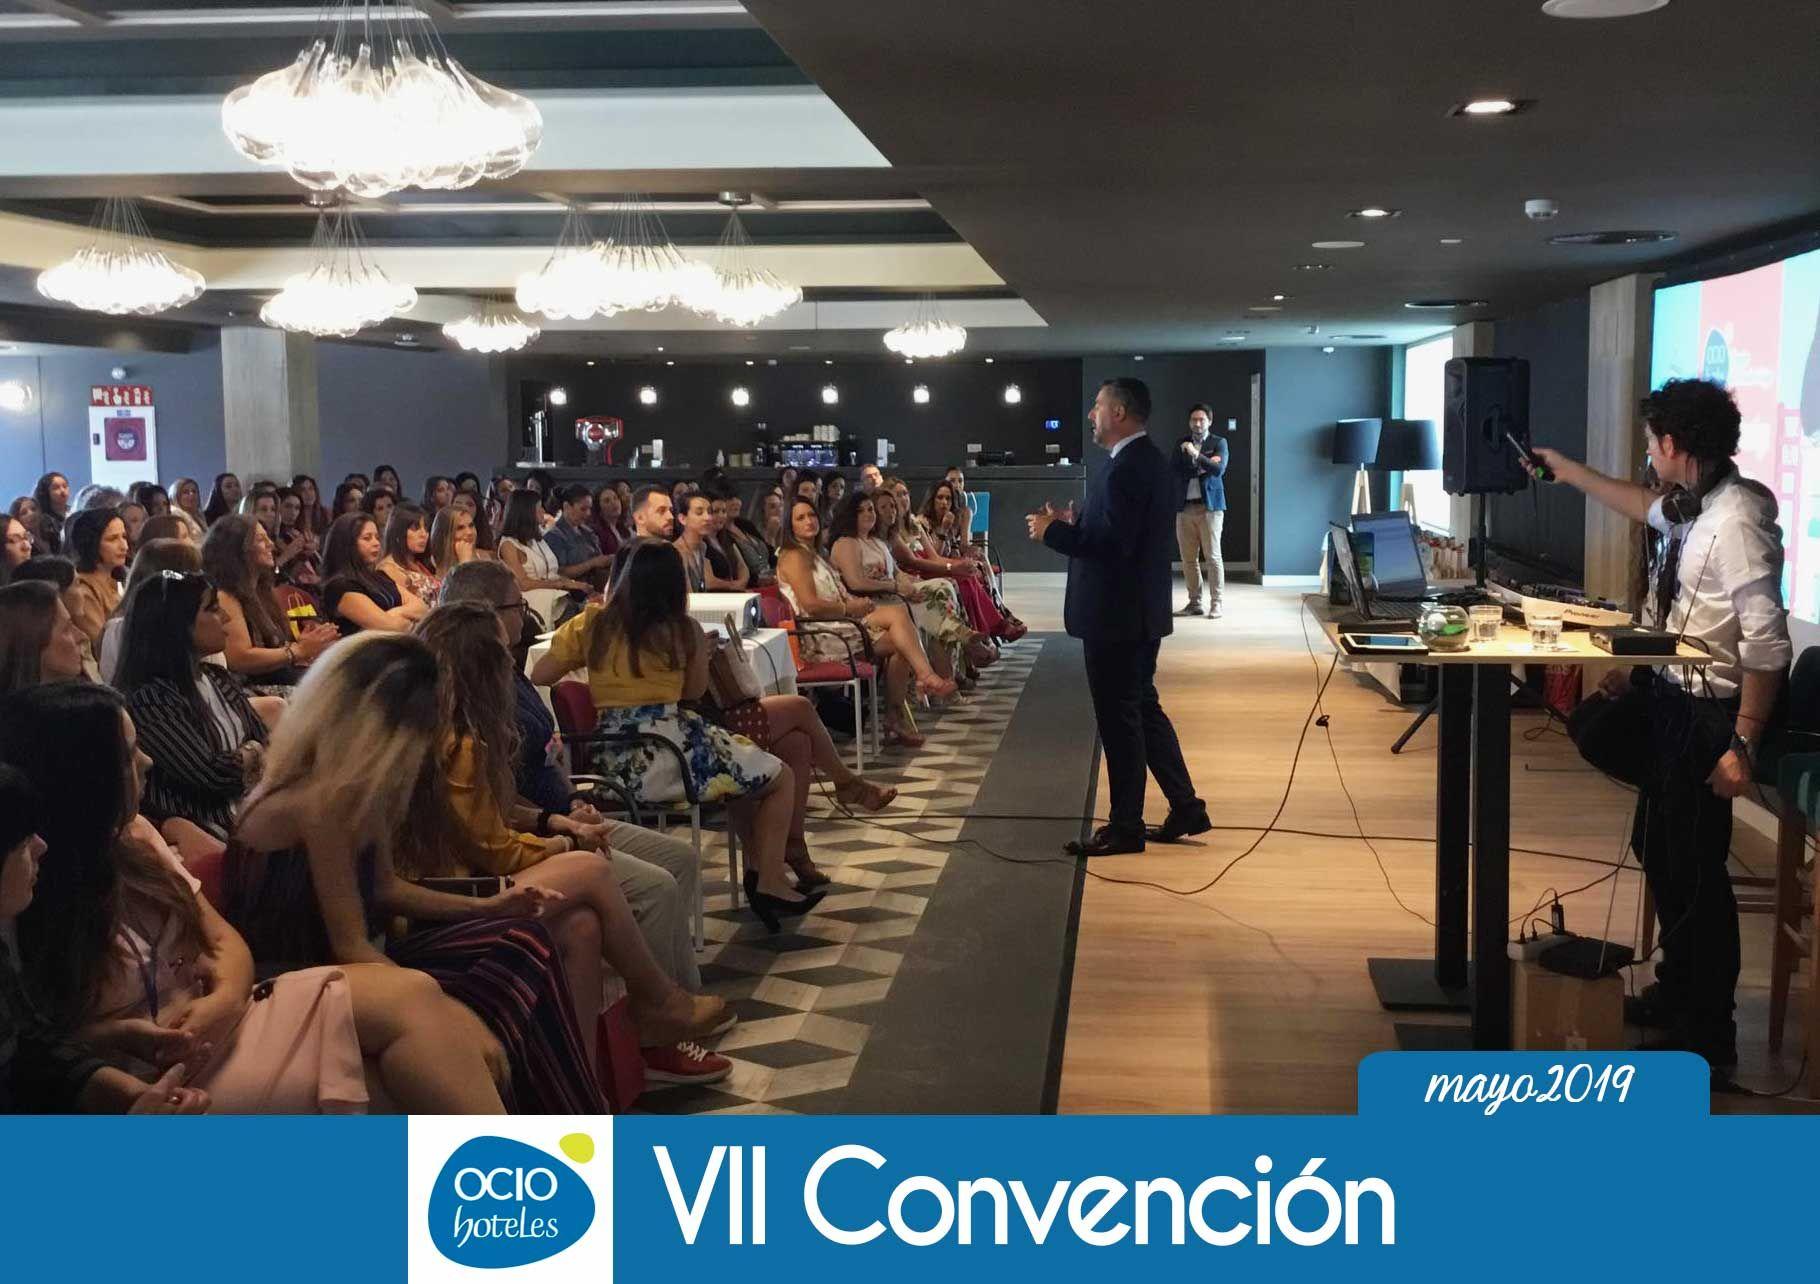 Fotografia VII Convención Ocio Hoteles